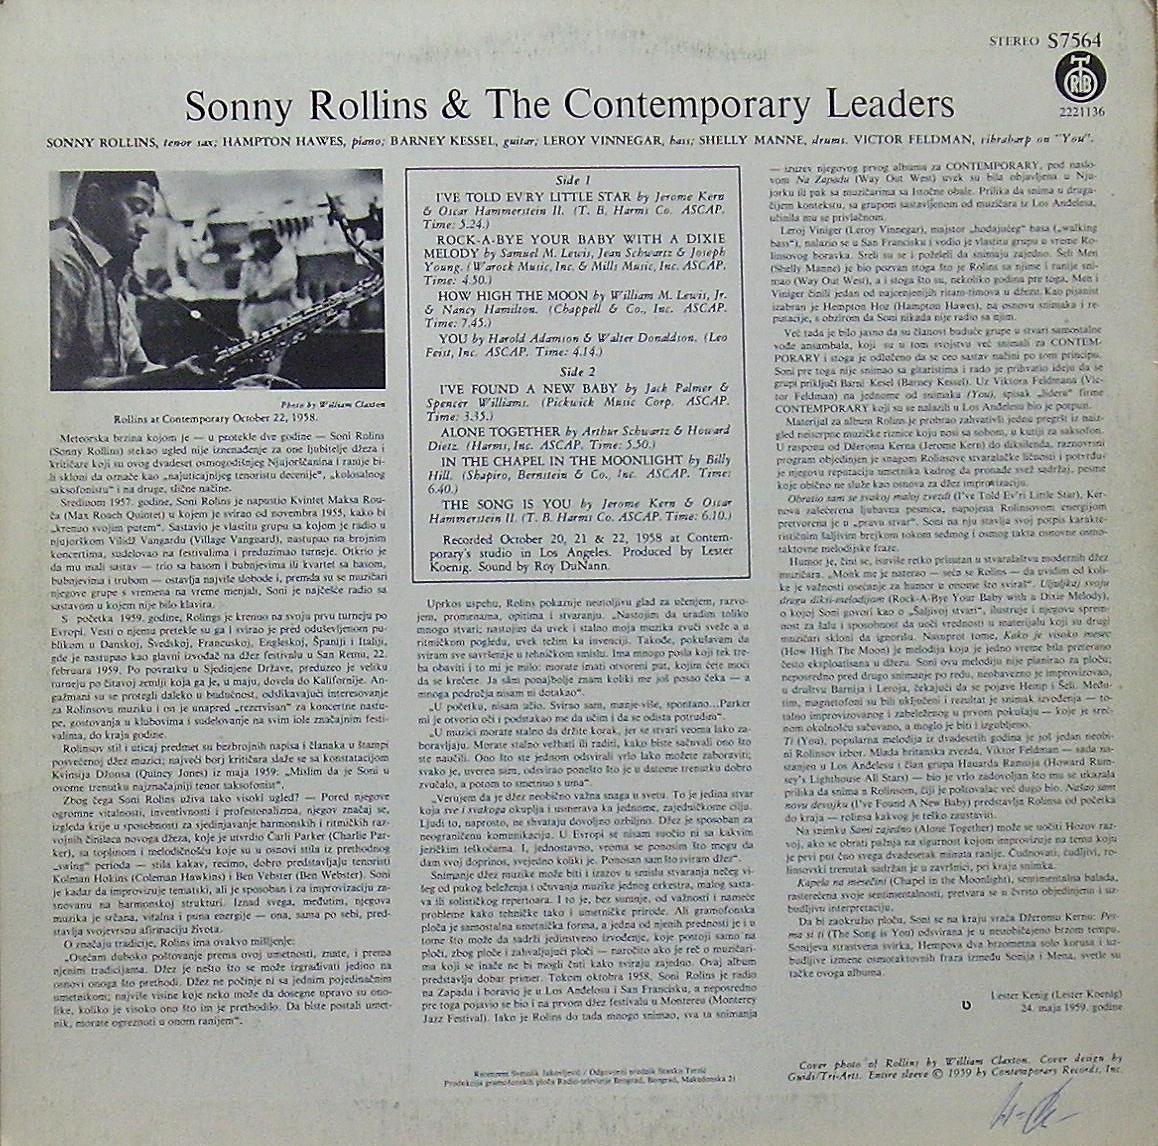 тыл-оригинал-SONNY ROLLINS-1959